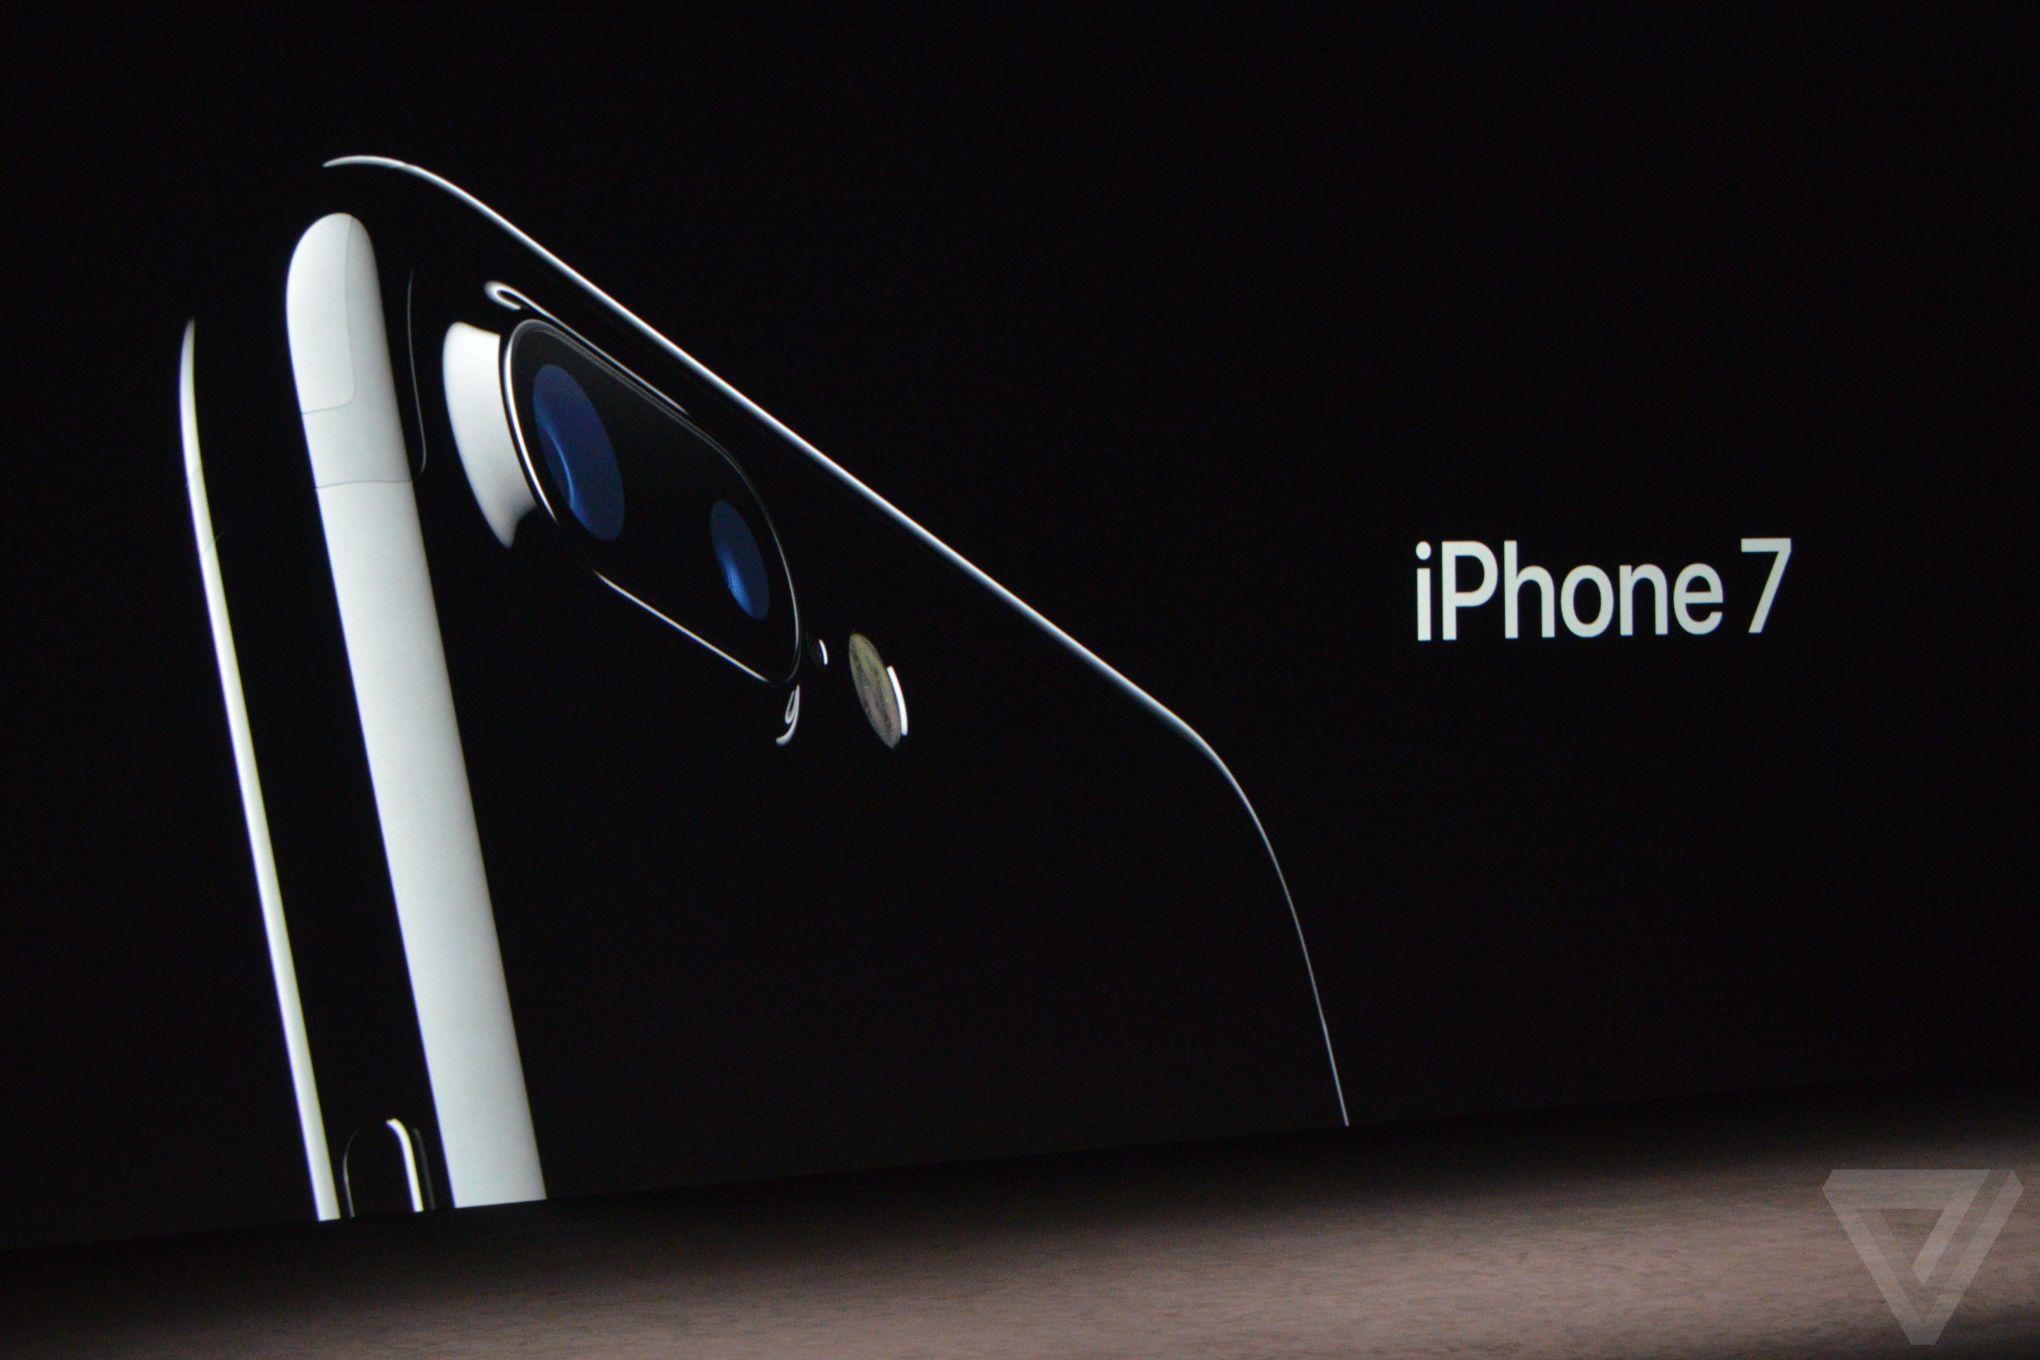 Panel mở màn iPhone 7. Trong hình là cụm camera kép của iPhone 7 Plus